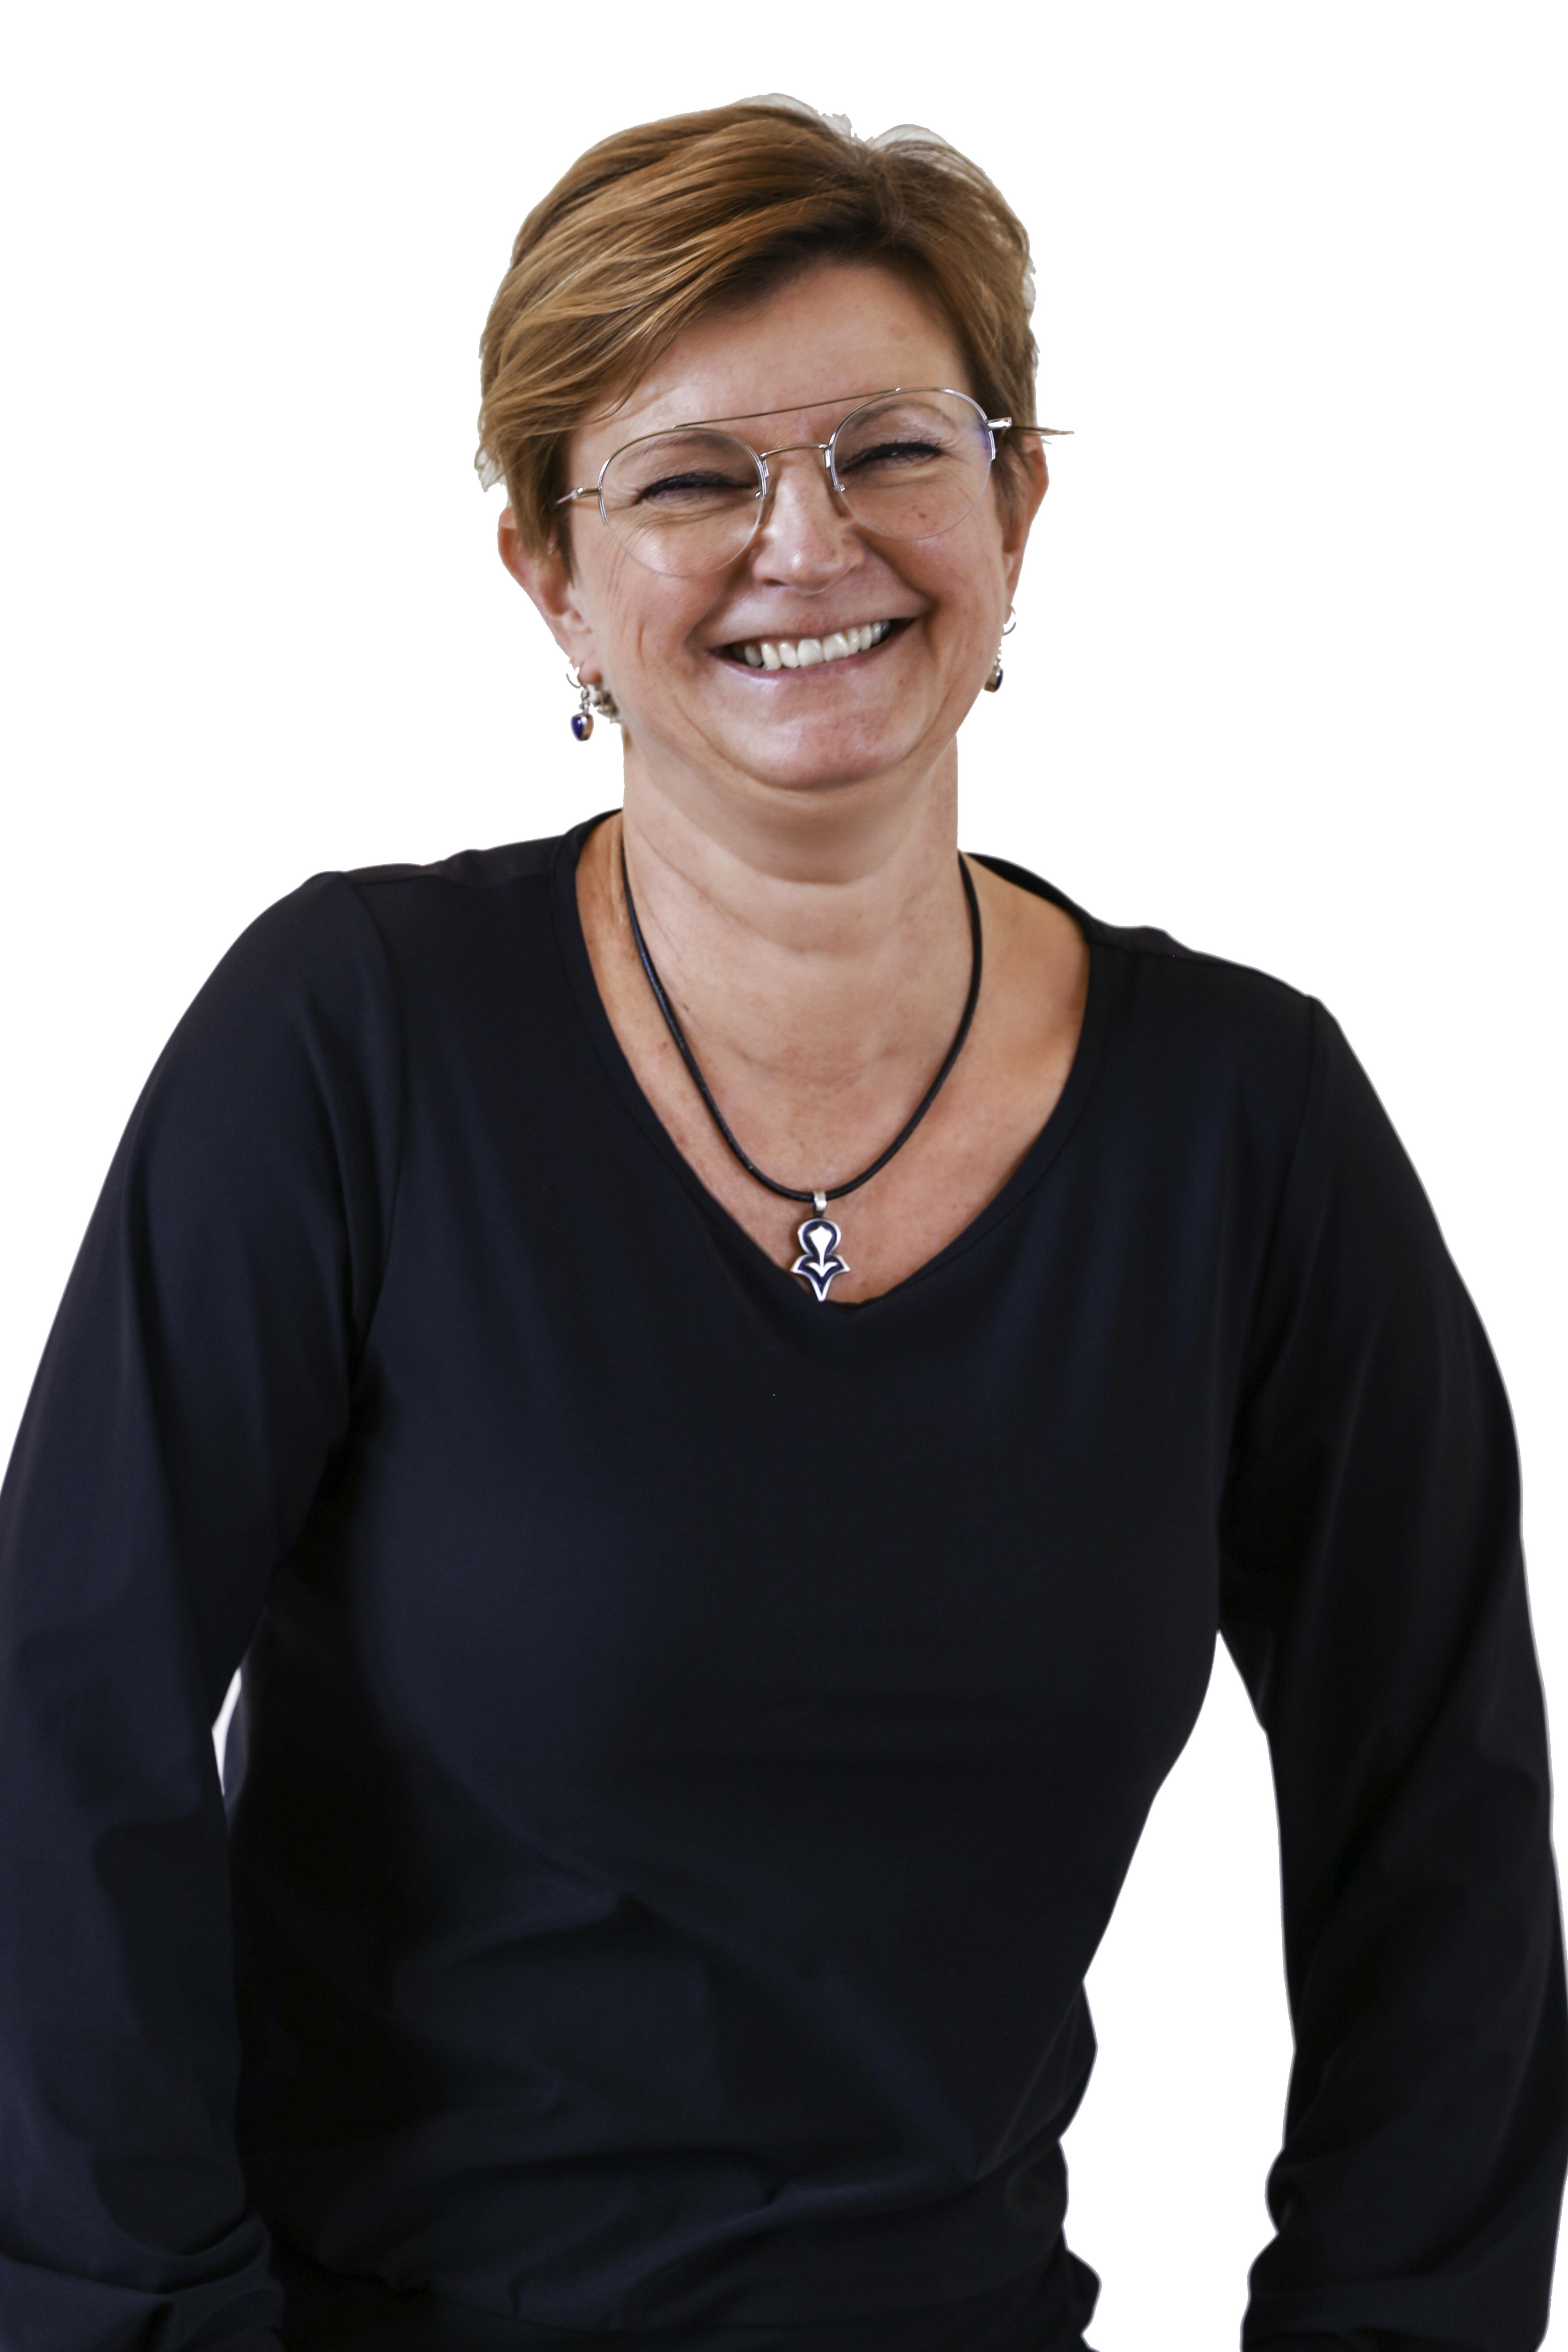 Wie is Magda de Muijnck?